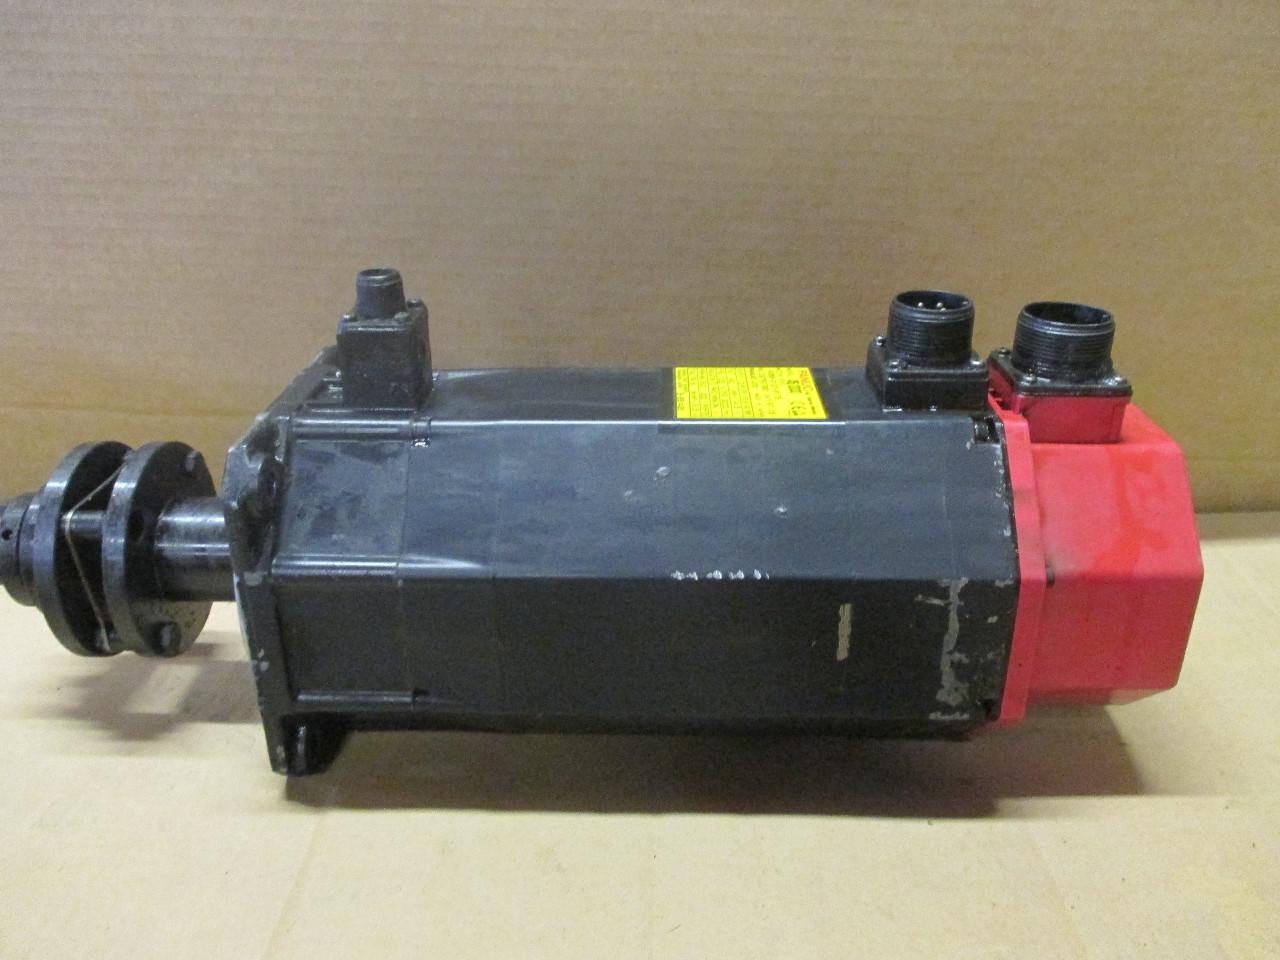 Fanuc Ac Servo Motor A6 2000 A06b 0127 B175 Daves Industrial Surplus Llc